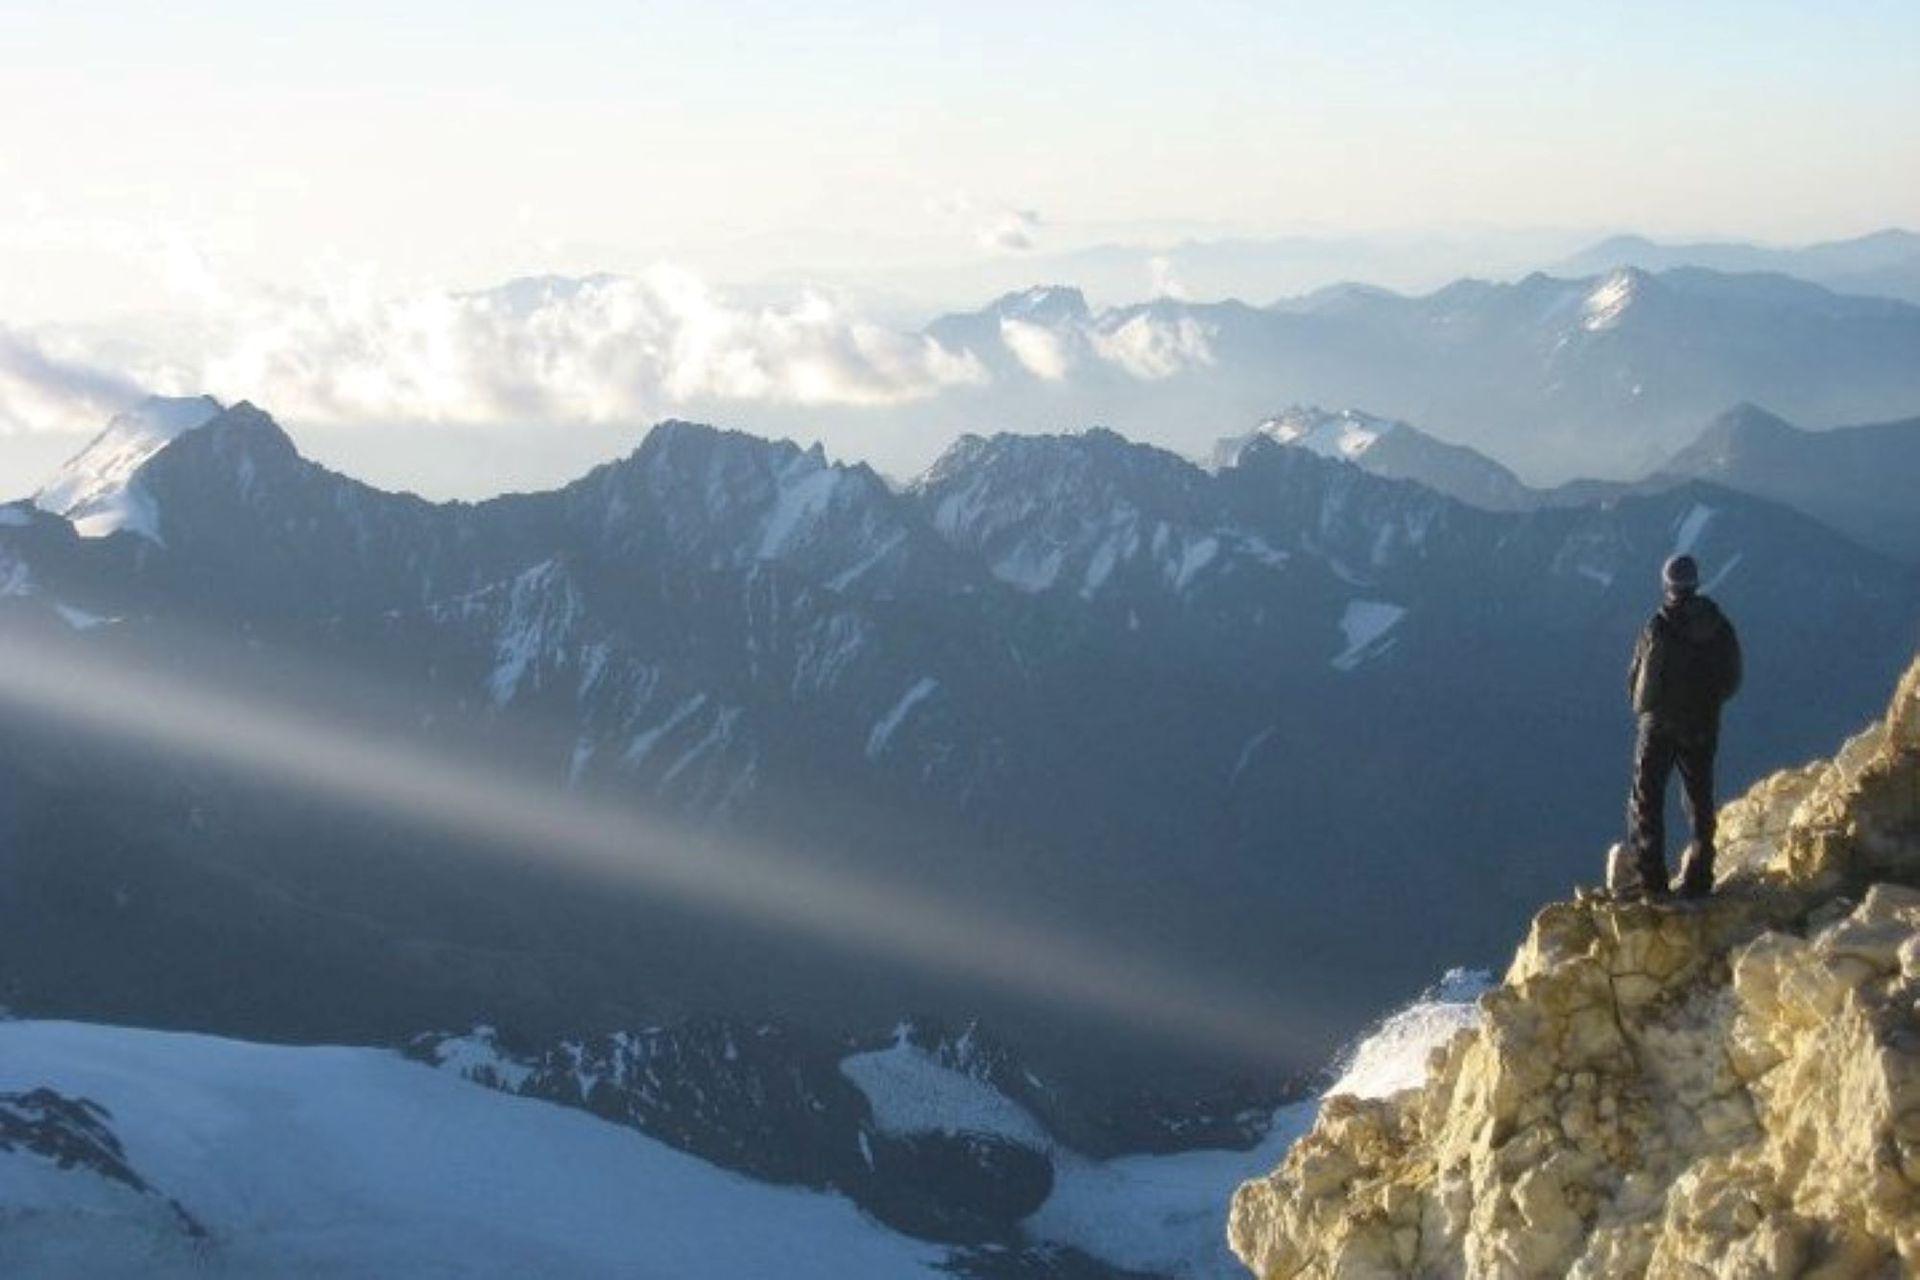 Increíble viste a 6000 metros de altura en el Aconcagua